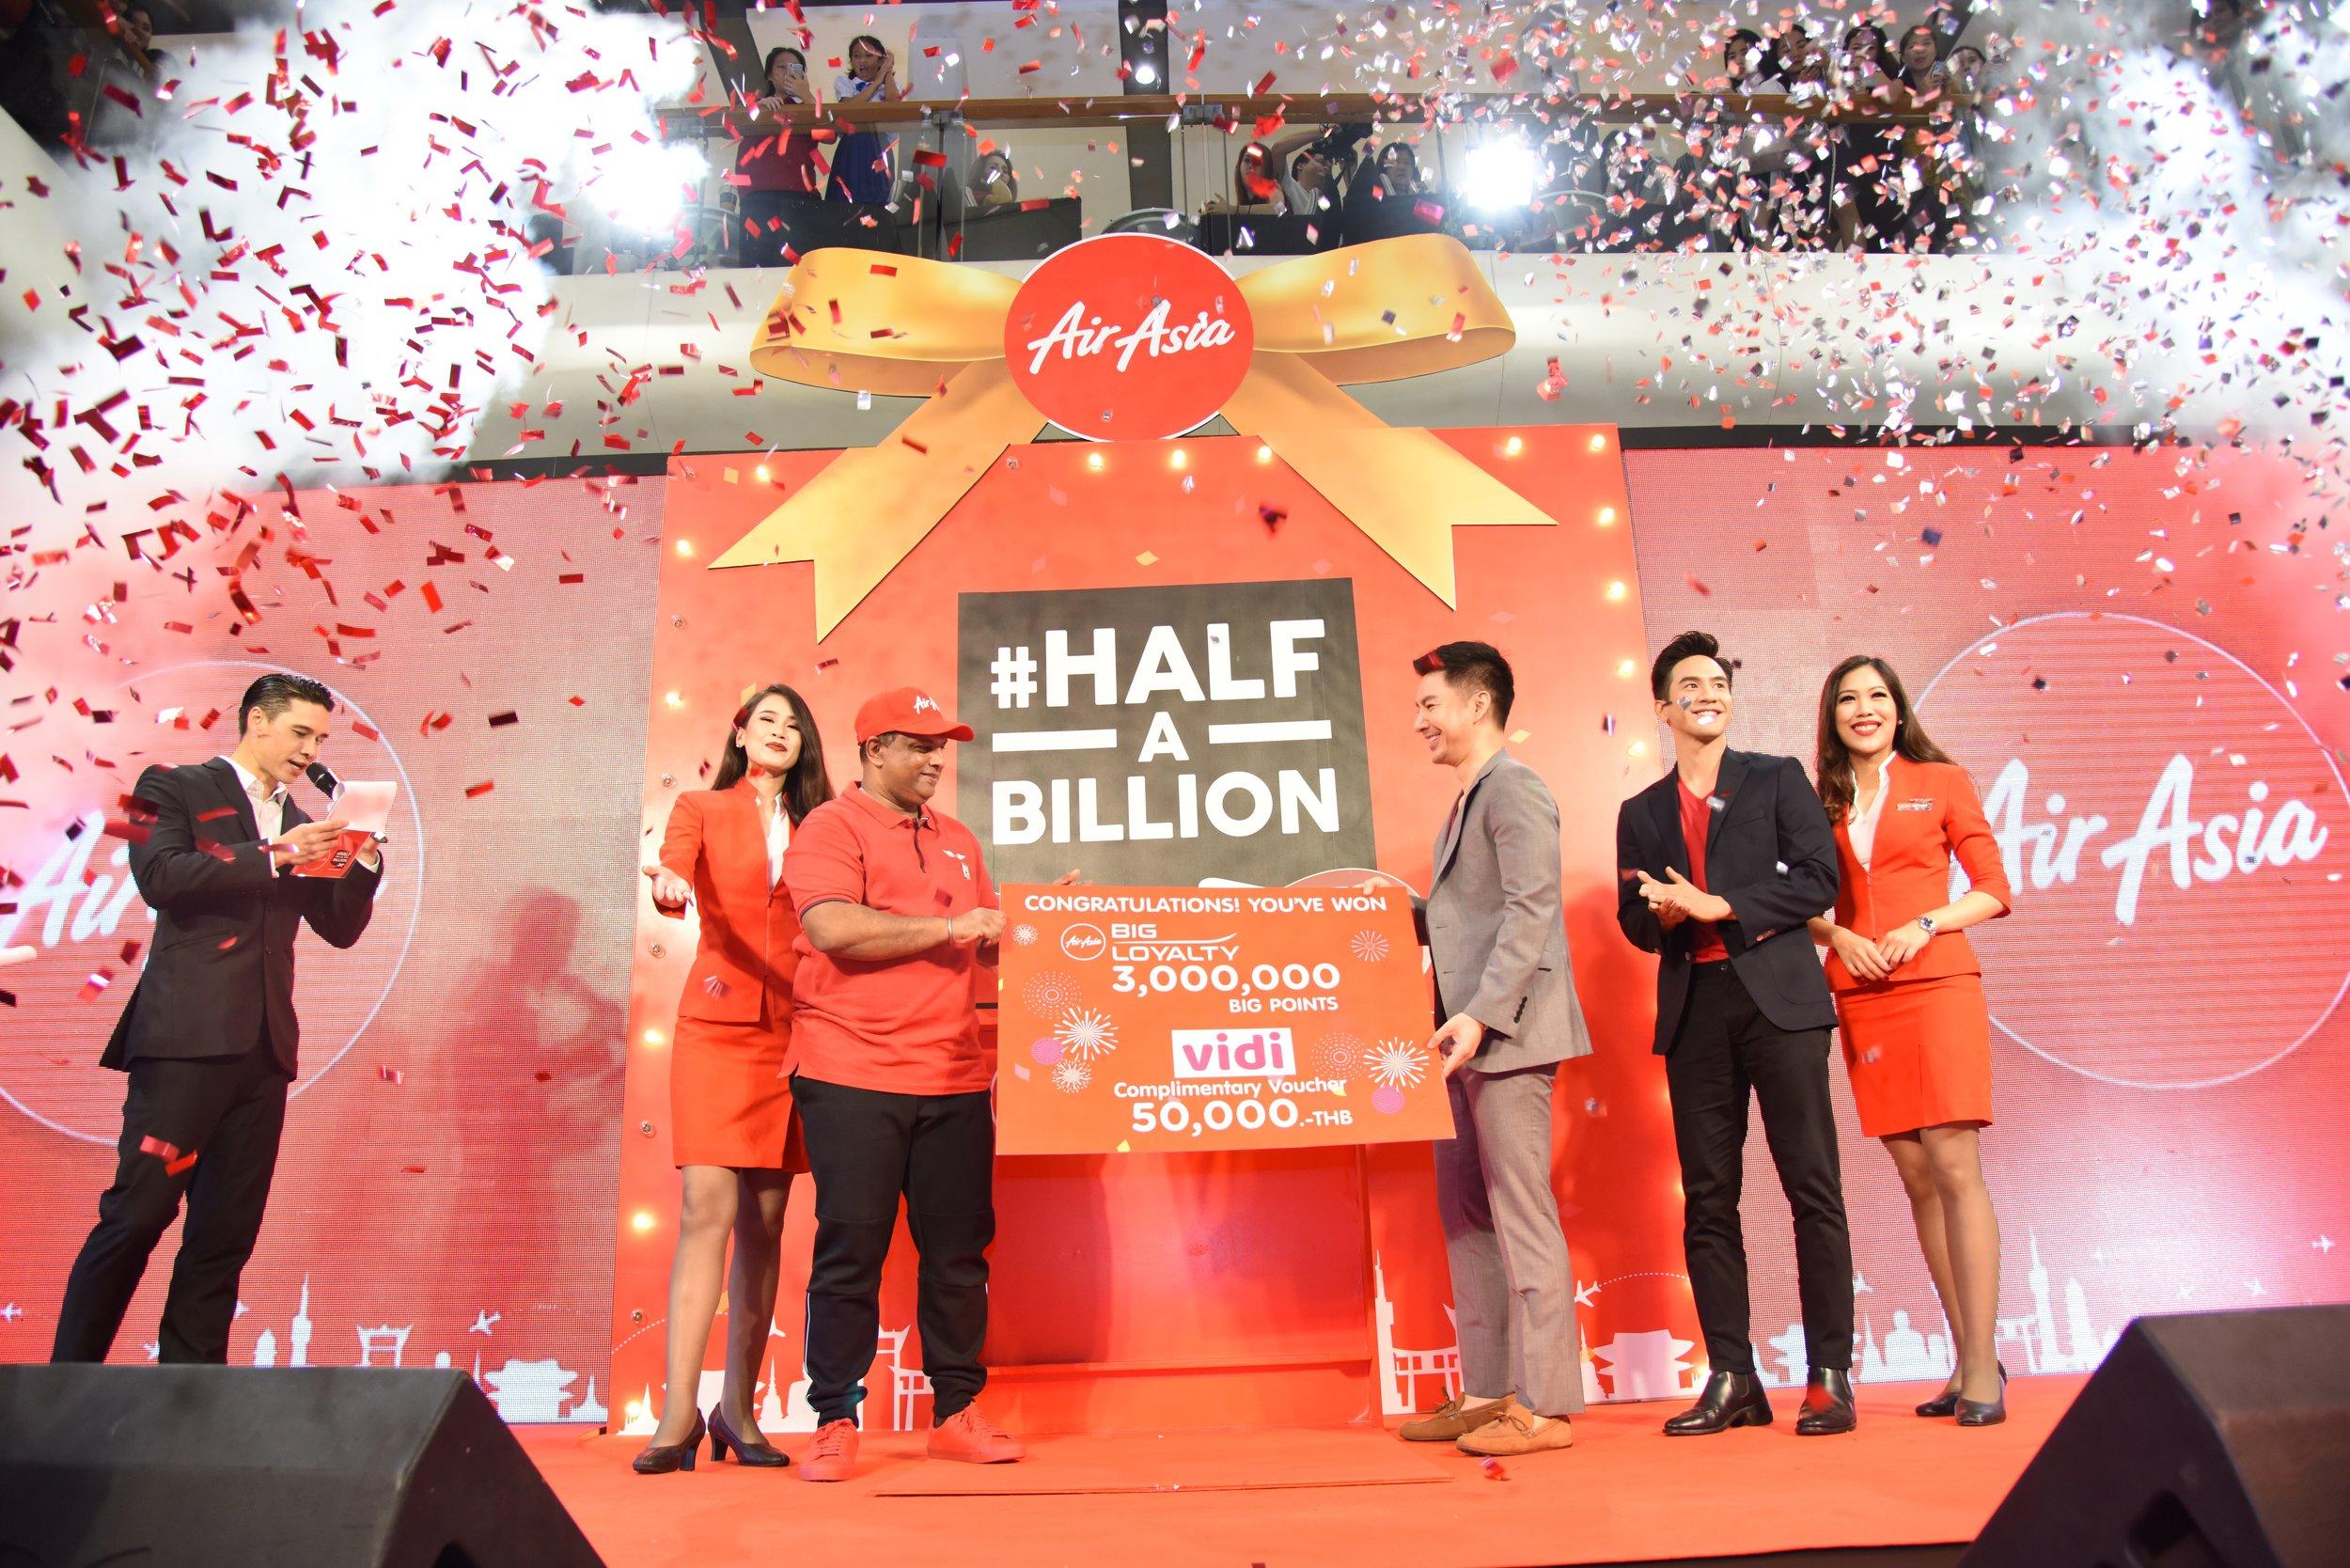 5월 15일 태국 방콕에서 열린 에어아시아의 탑승객 5억 명 돌파 축하 행사에서 5억 번째 승객 파눗 오프라설차왓(오른쪽에서 세 번쨰)이 토니 페르난데스 에어아시아 그룹 CEO(왼쪽에서 세 번째)와 태국의 유명 배우 포프 라나왓(오른쪽에서 두 번째)로부터 축하를 받고 있다.